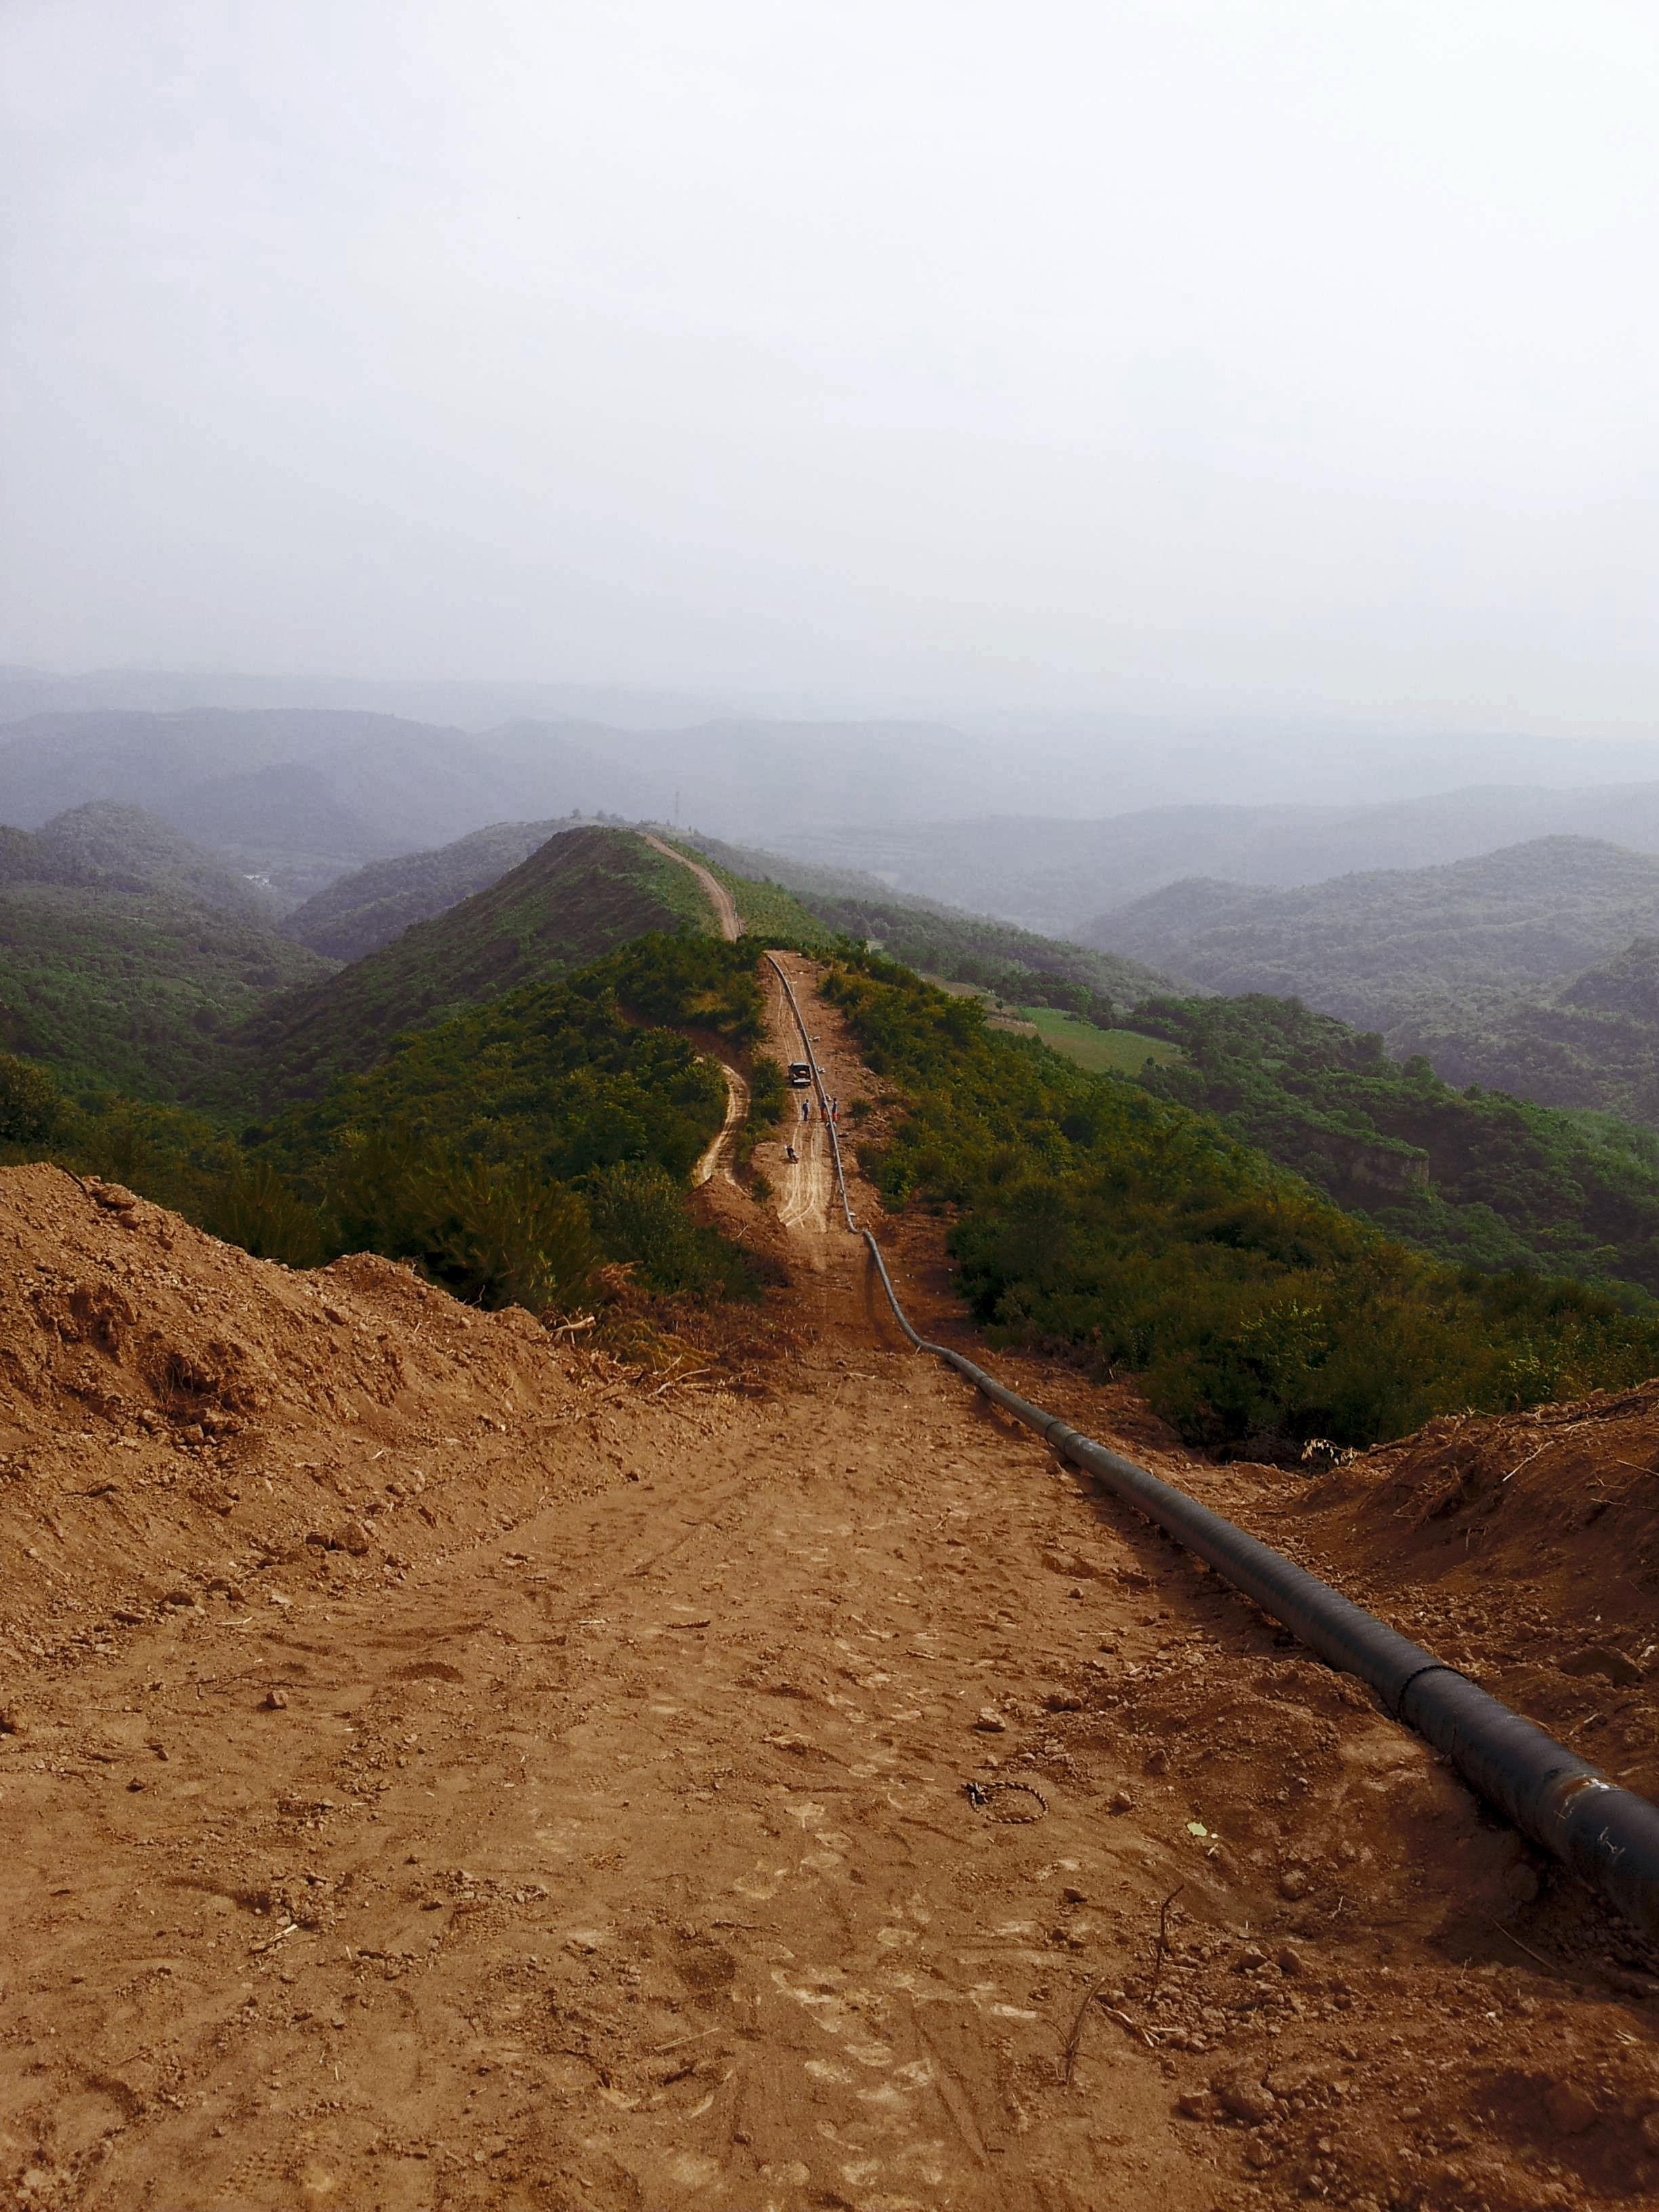 19陜西靖西三線黃陵天然氣長輸管道工程